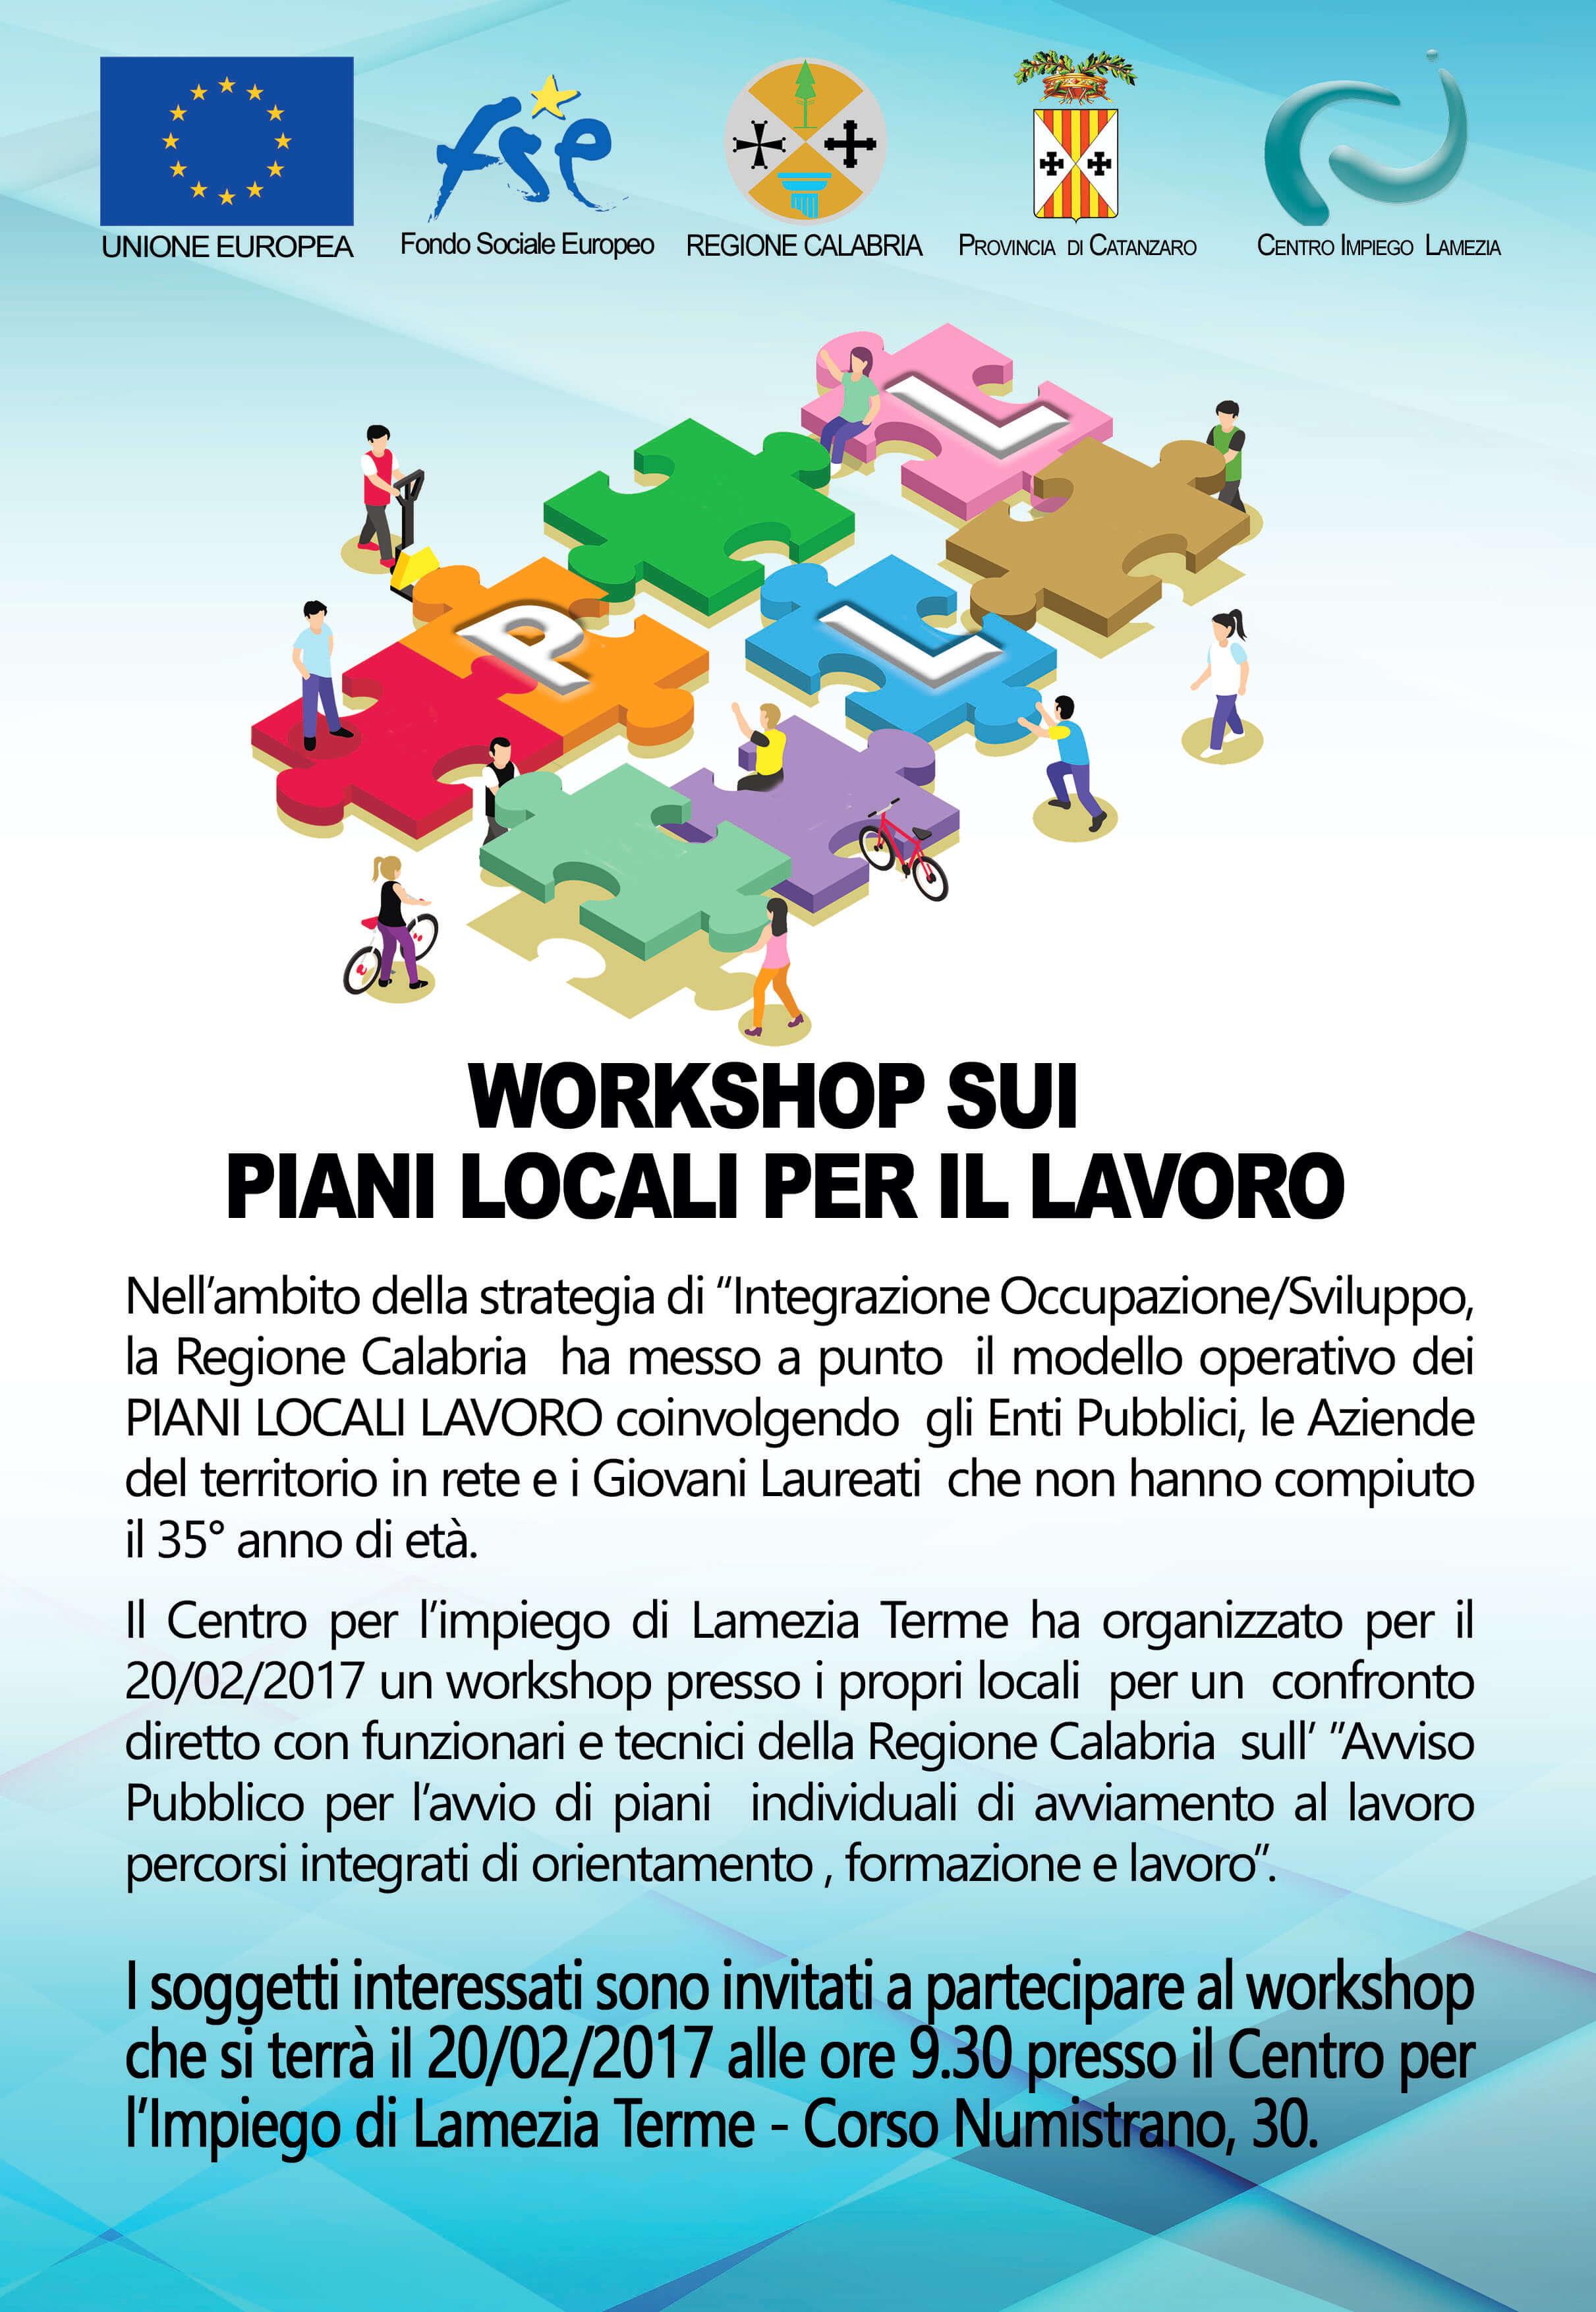 Piani locali per il lavoro luned incontro al centro per for Piani di costruzione del costruttore